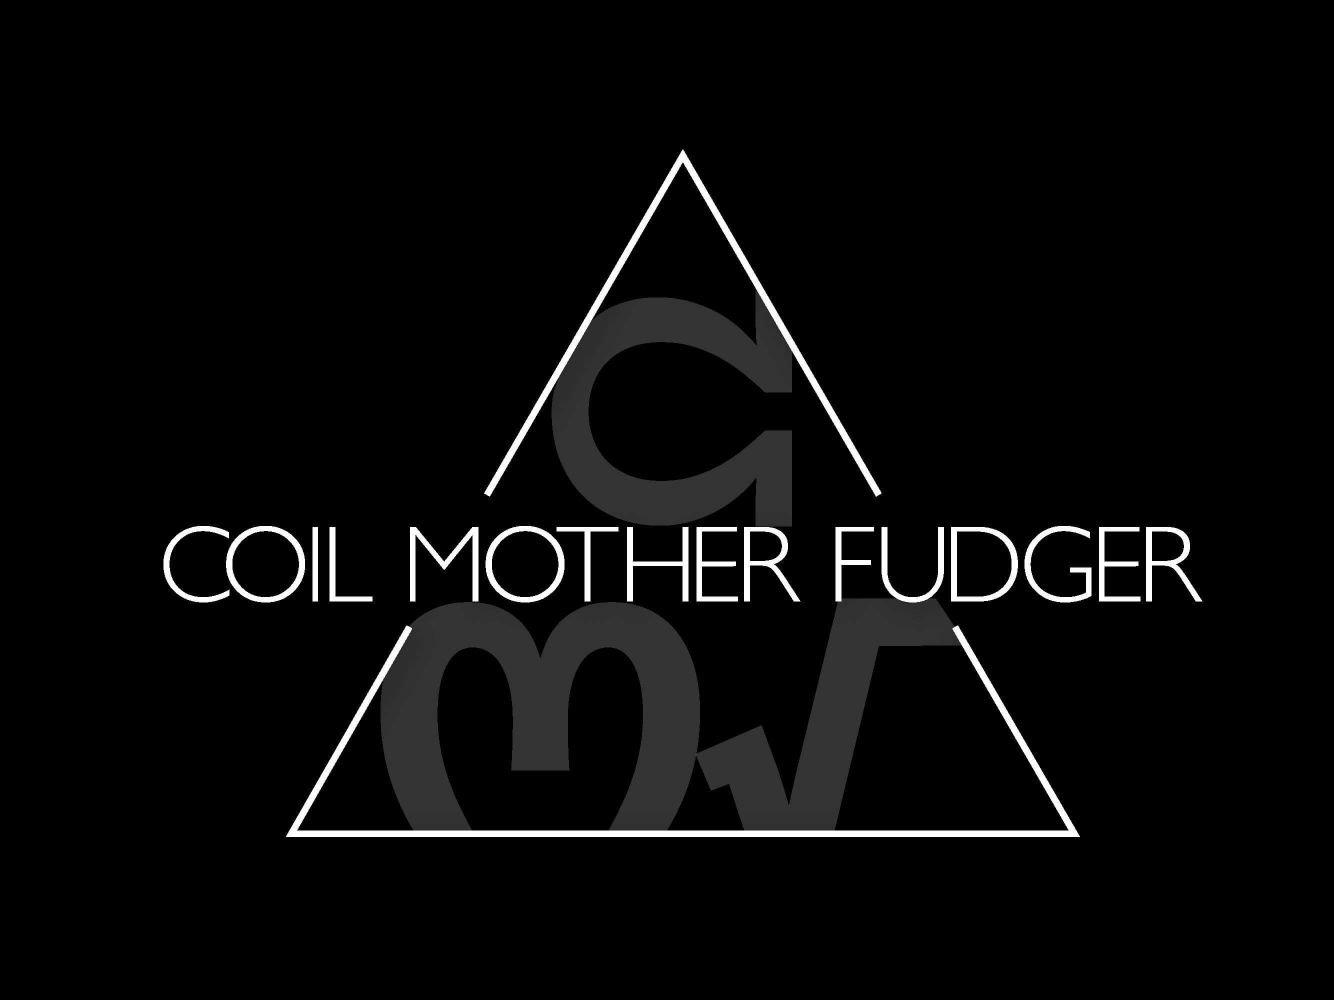 Coil Mother Fudger